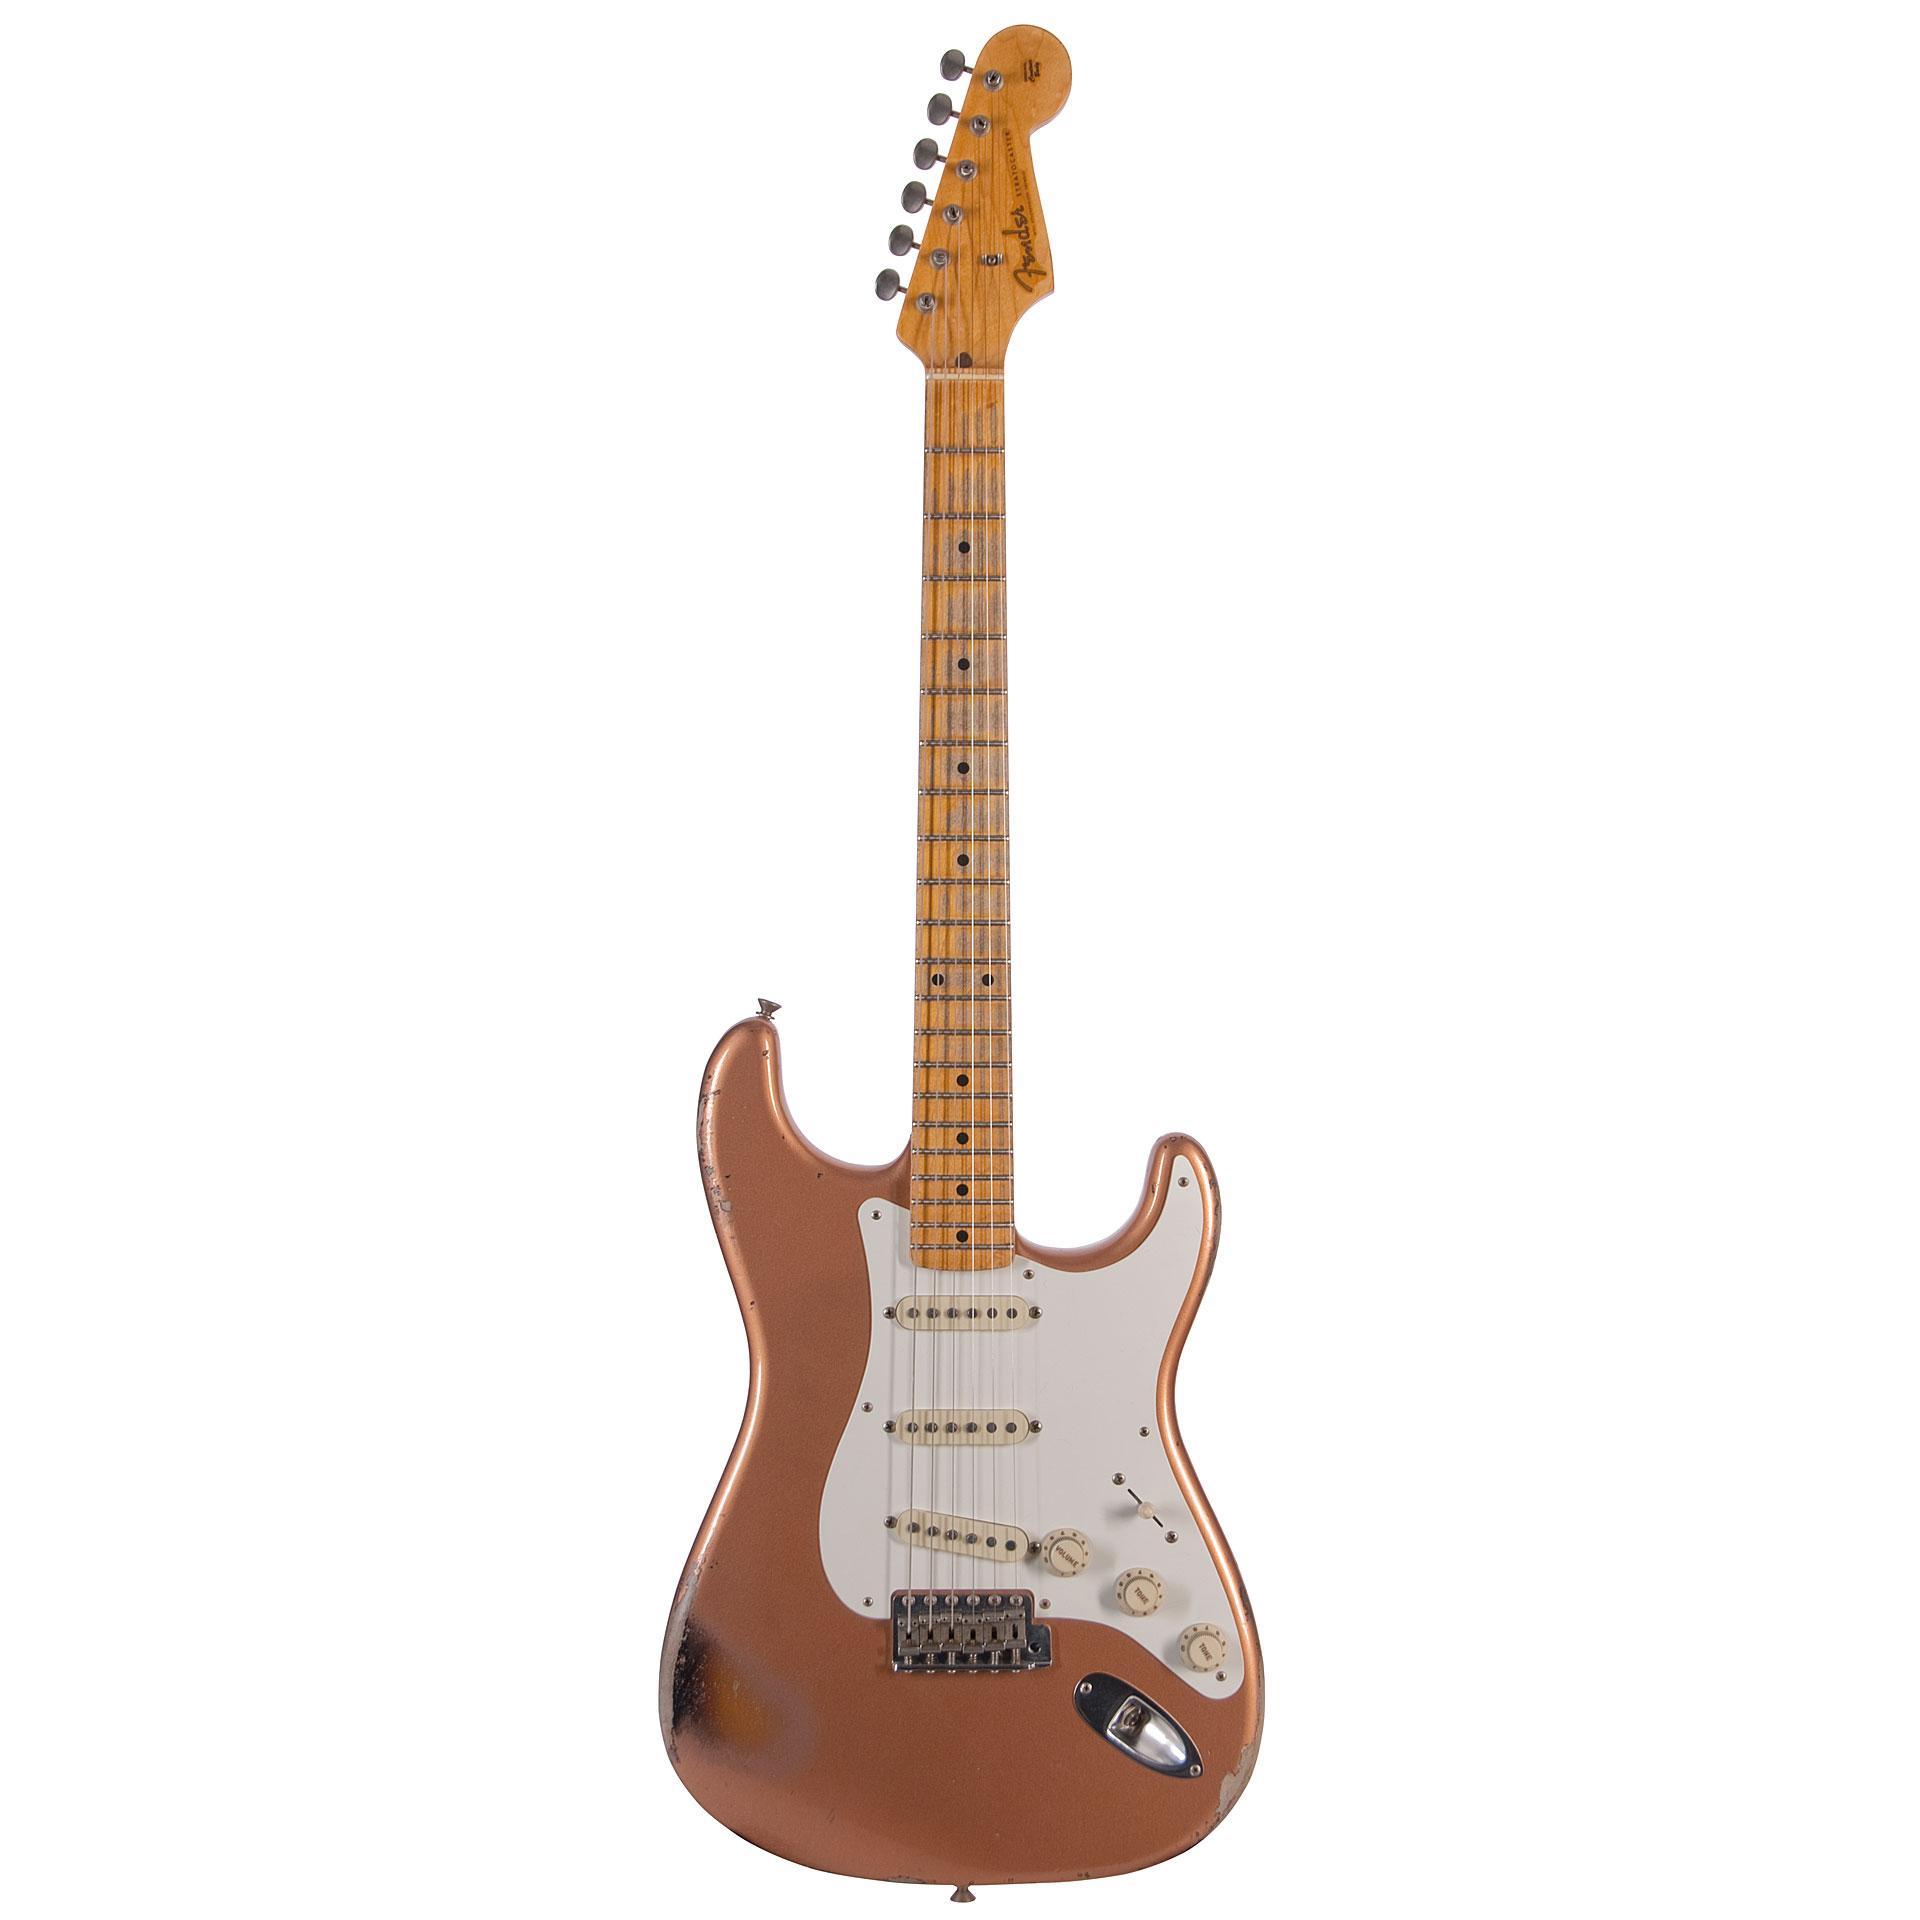 fender custom shop masterbuilt 39 57 stratocaster electric guitar. Black Bedroom Furniture Sets. Home Design Ideas